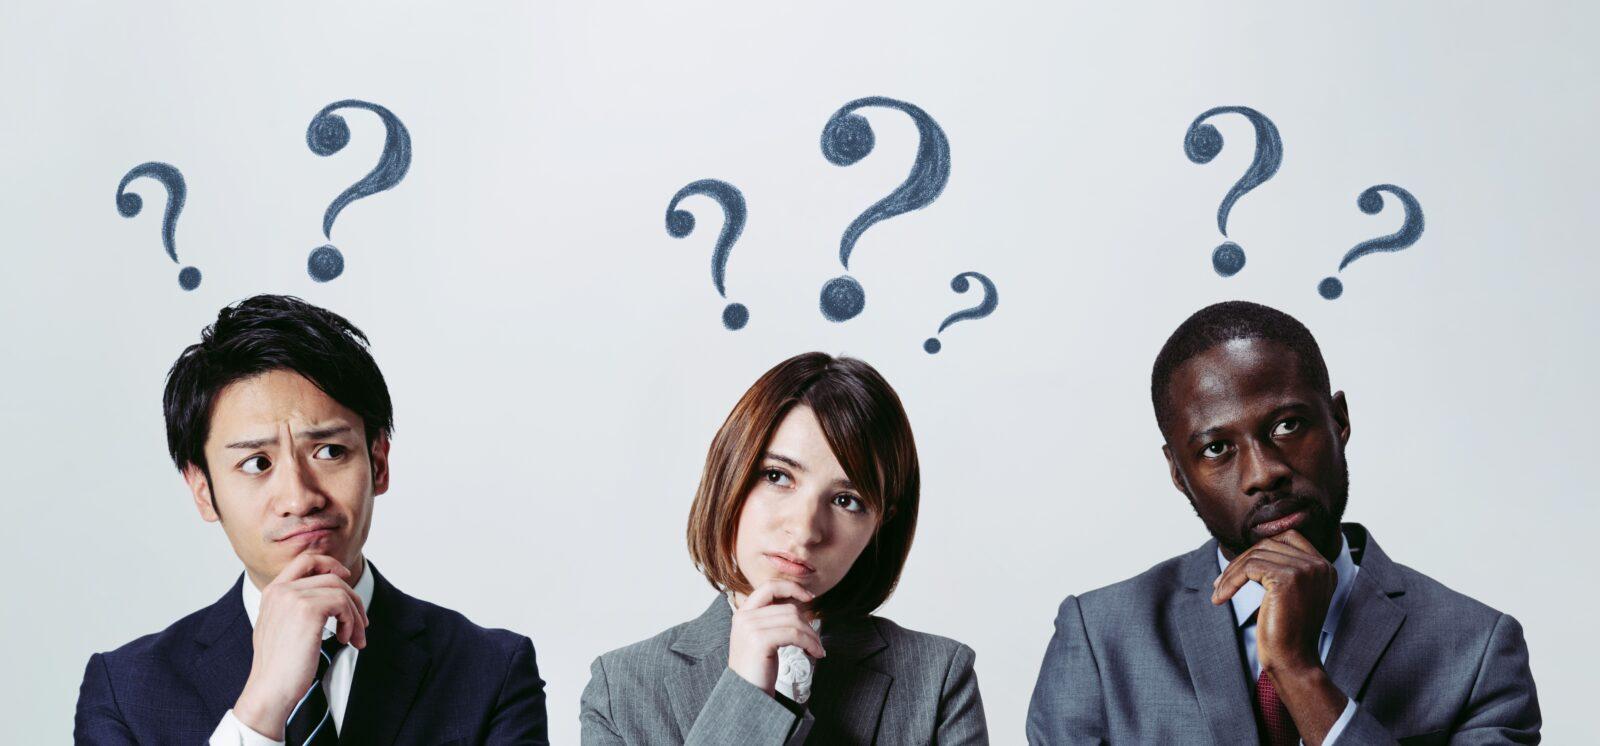 Freiberufler oder Selbstständiger? Was ist der Unterschied?